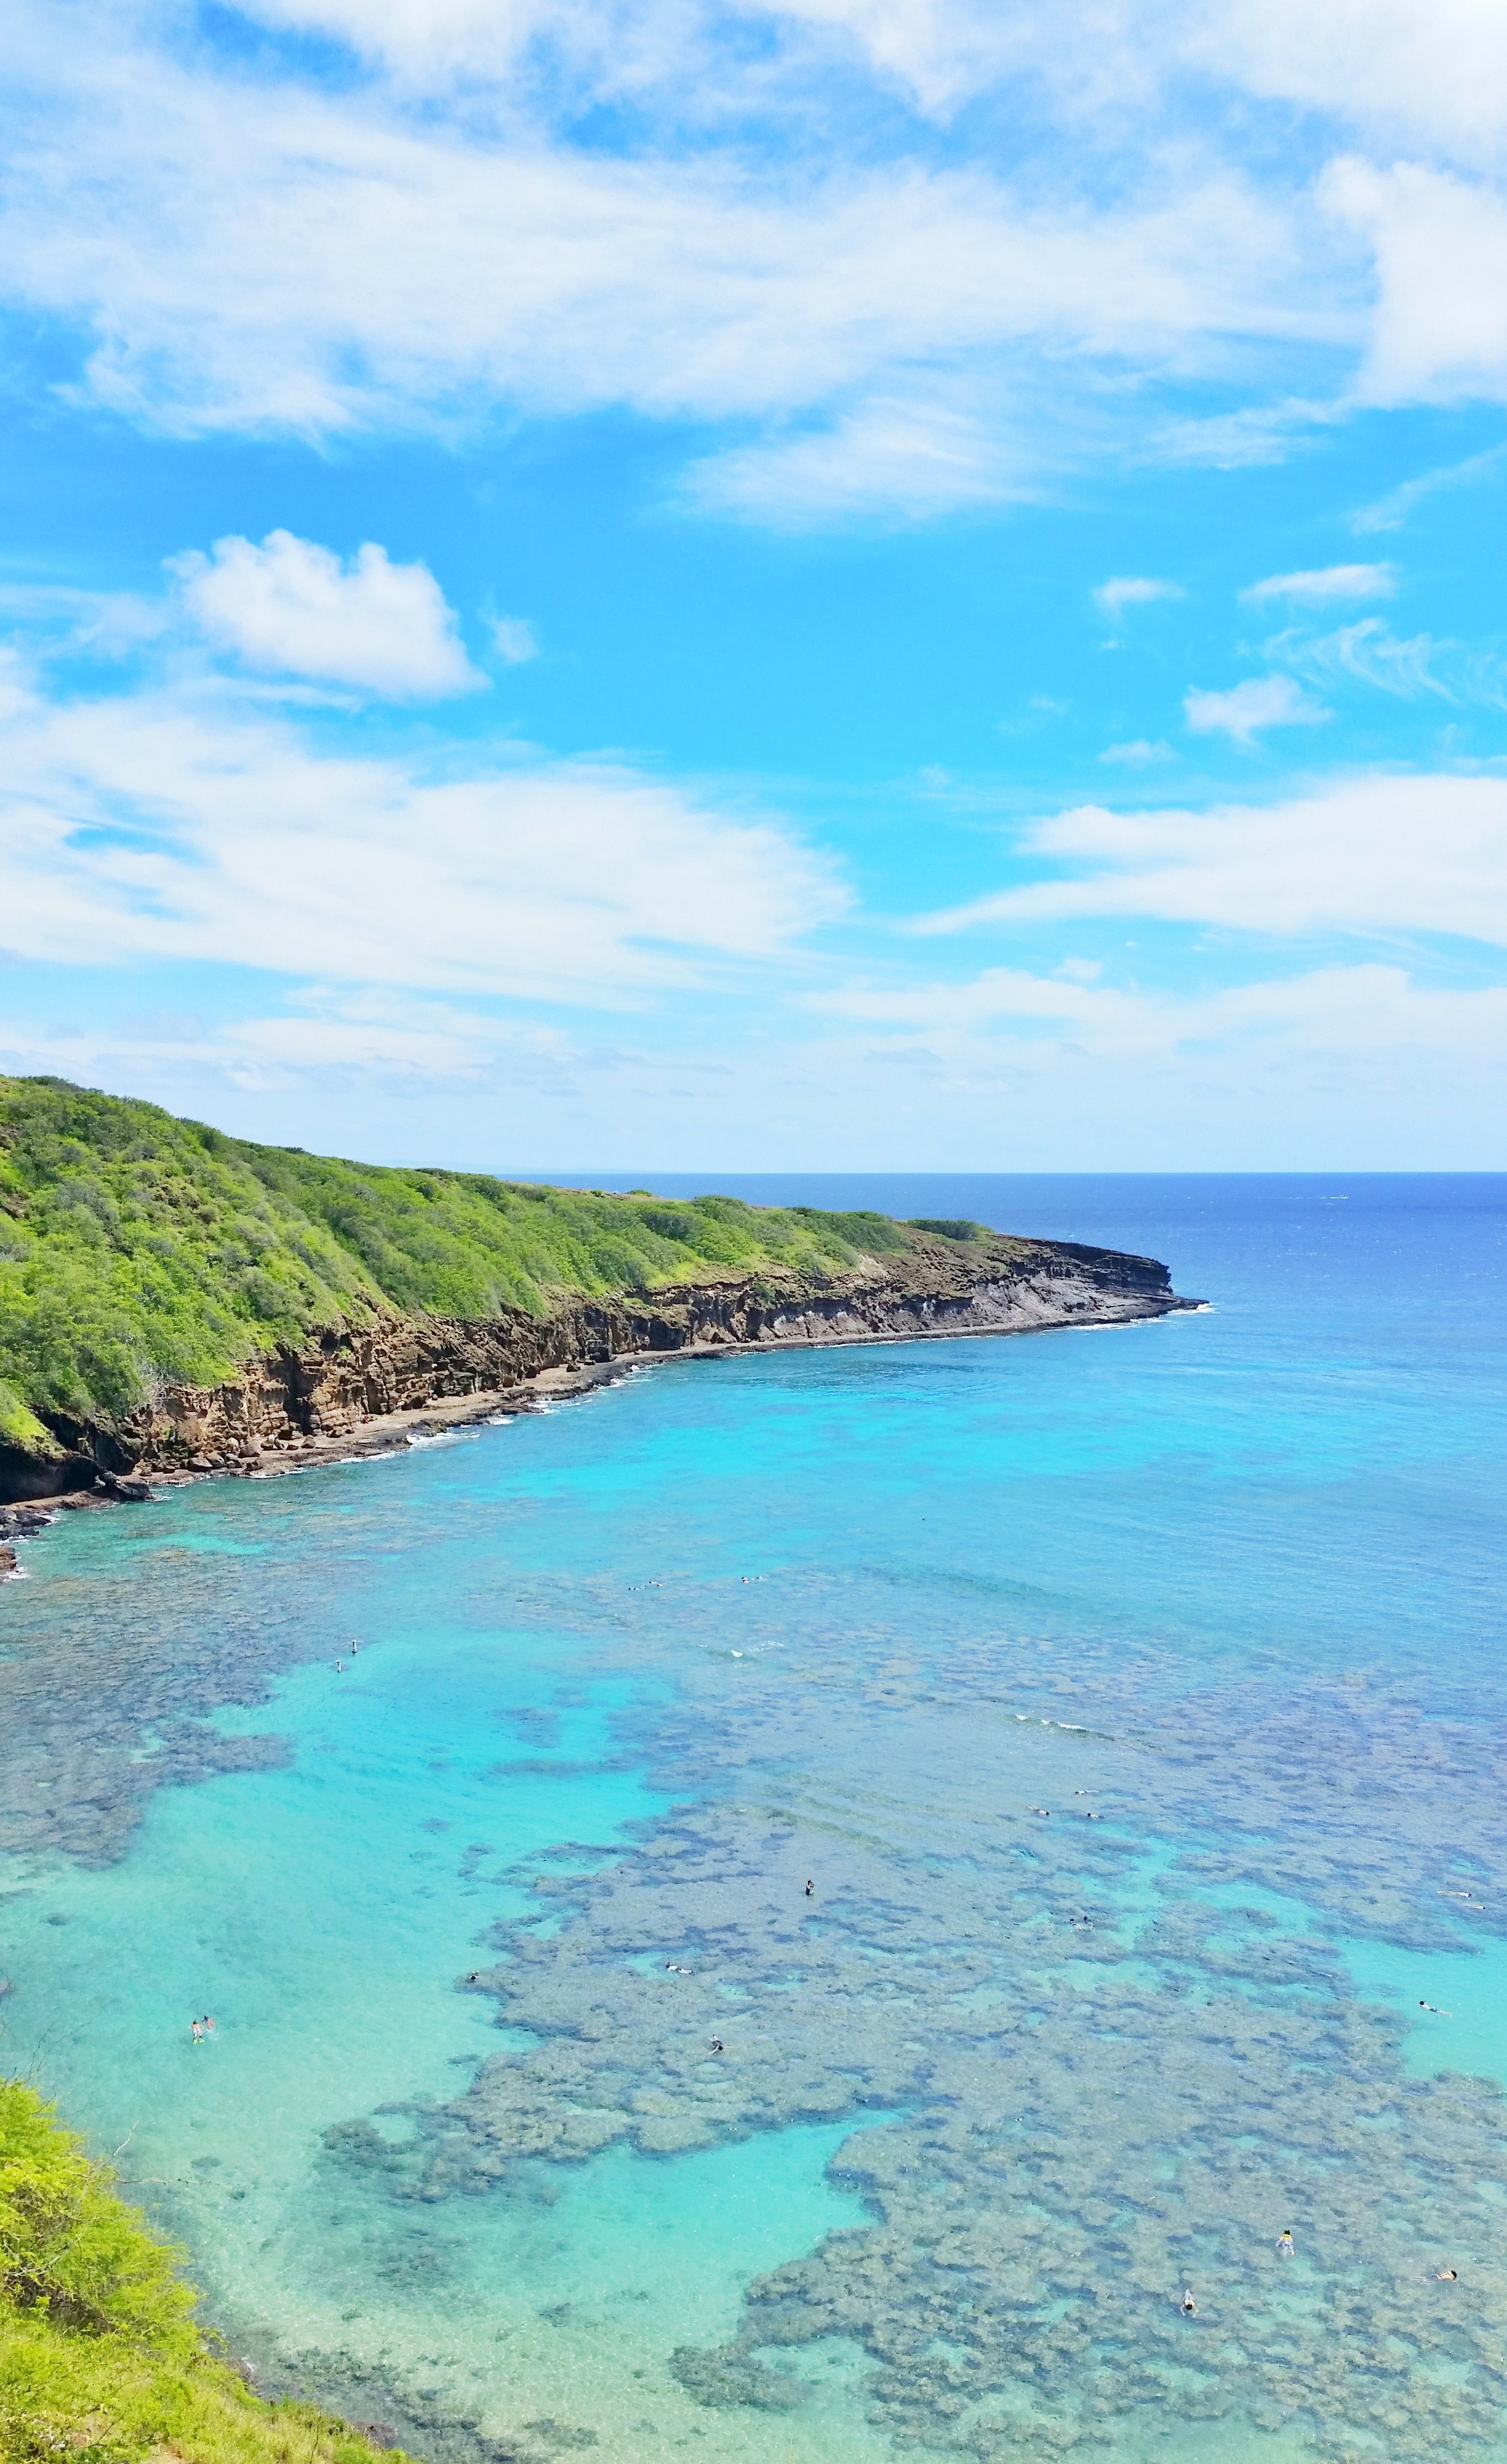 hanauma bay snorkeling faq of best snorkeling spot on oahu